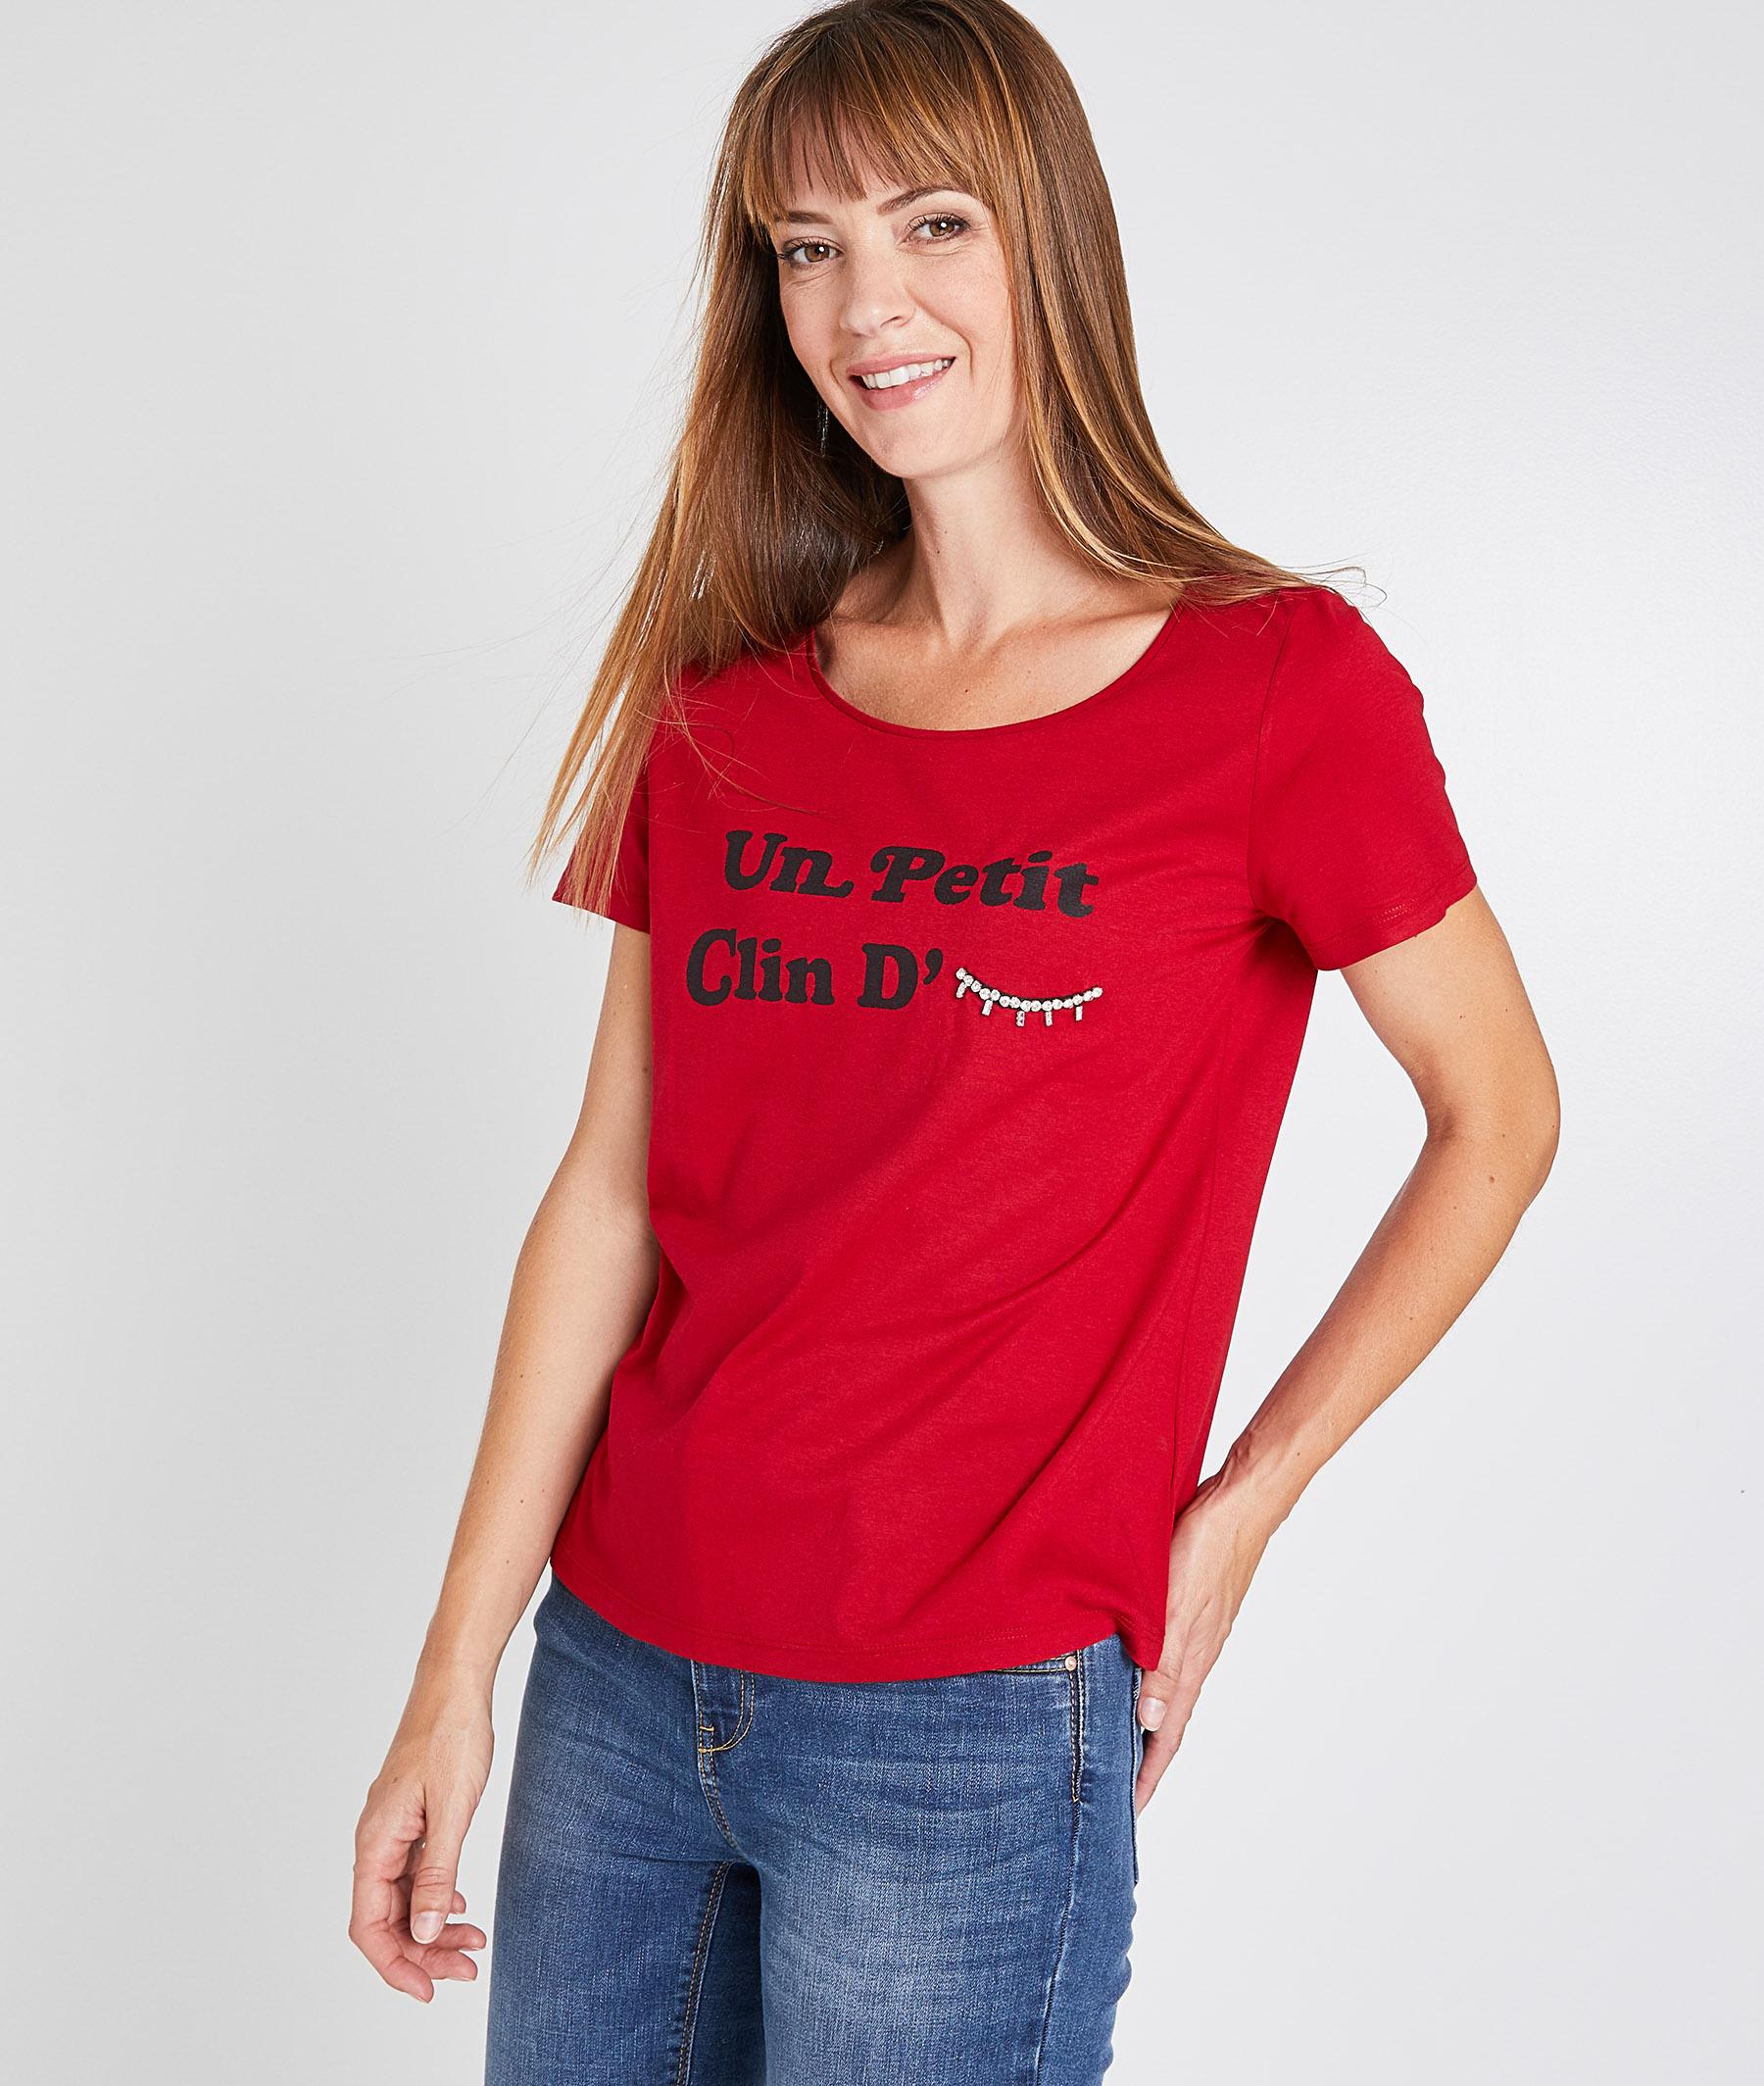 T-shirt clin d'oeil rouge femme ROUGE